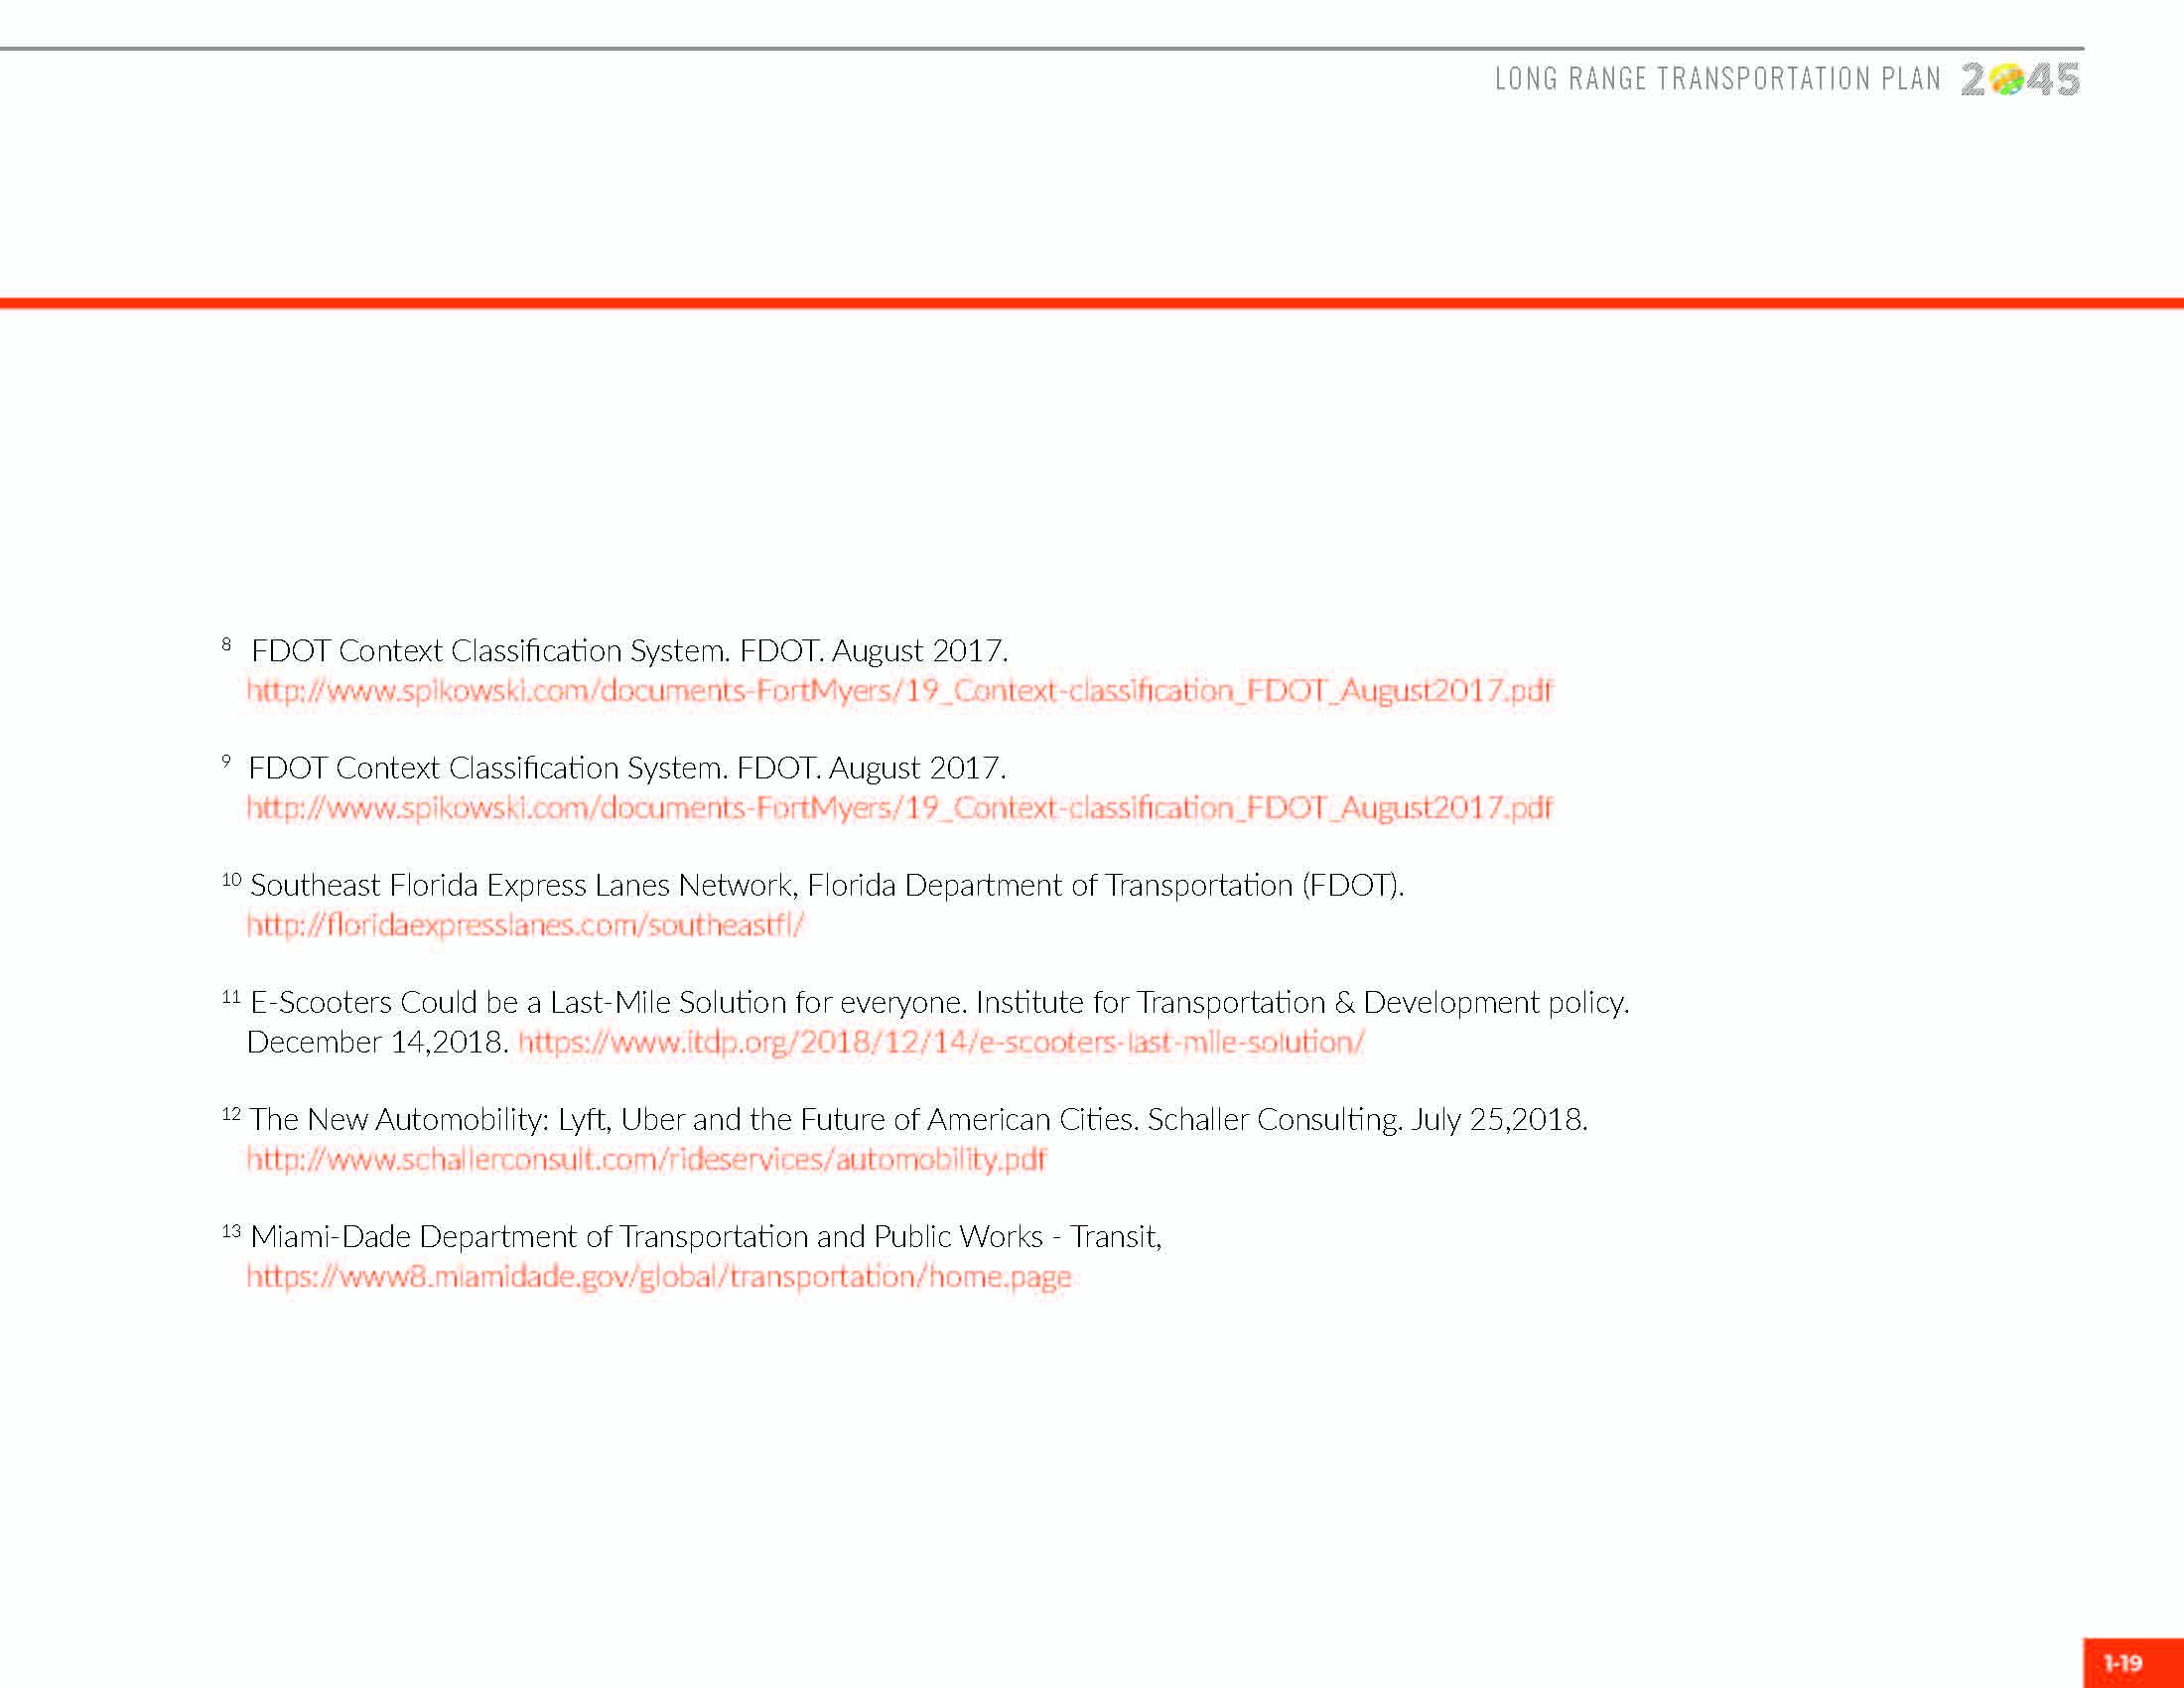 LRTP_072319_Page_025.jpg